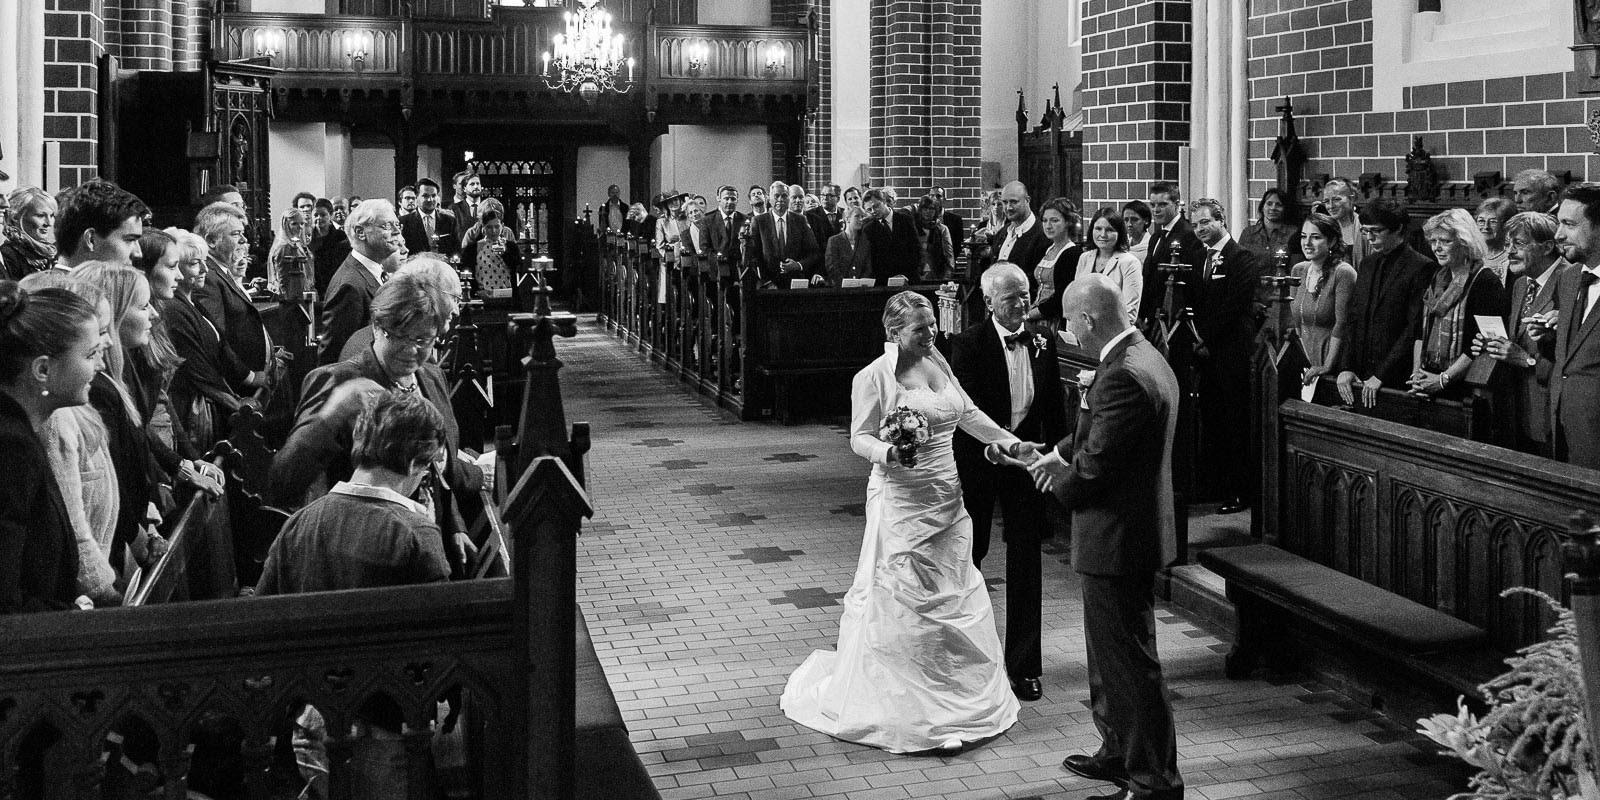 Brautvater übergibt die Braut dem Bräutigam vor der Trauung in der Sankt Marien Kirche in Röbel an der Müritz in Mecklenburg Vorpommern beim Hochzeitsfotograf Hamburg